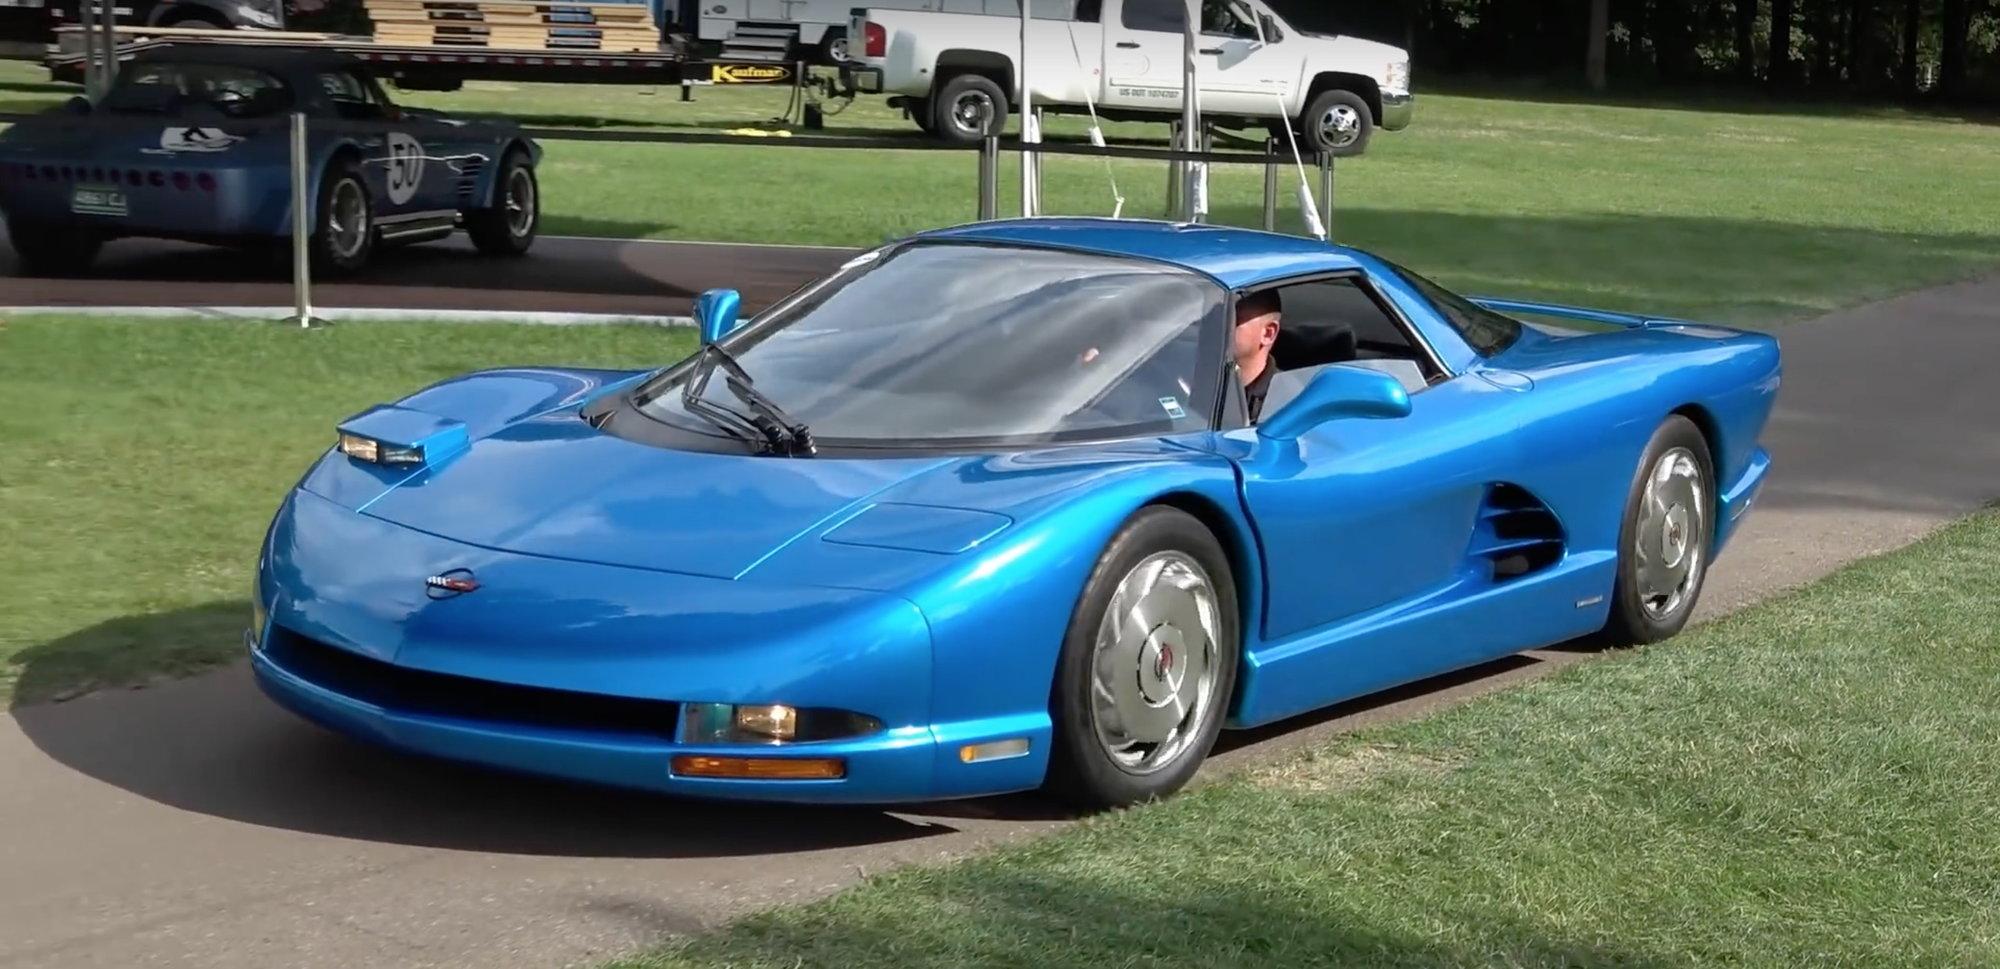 Rapid Blue Internal Name Leaked Corvetteforum Chevrolet